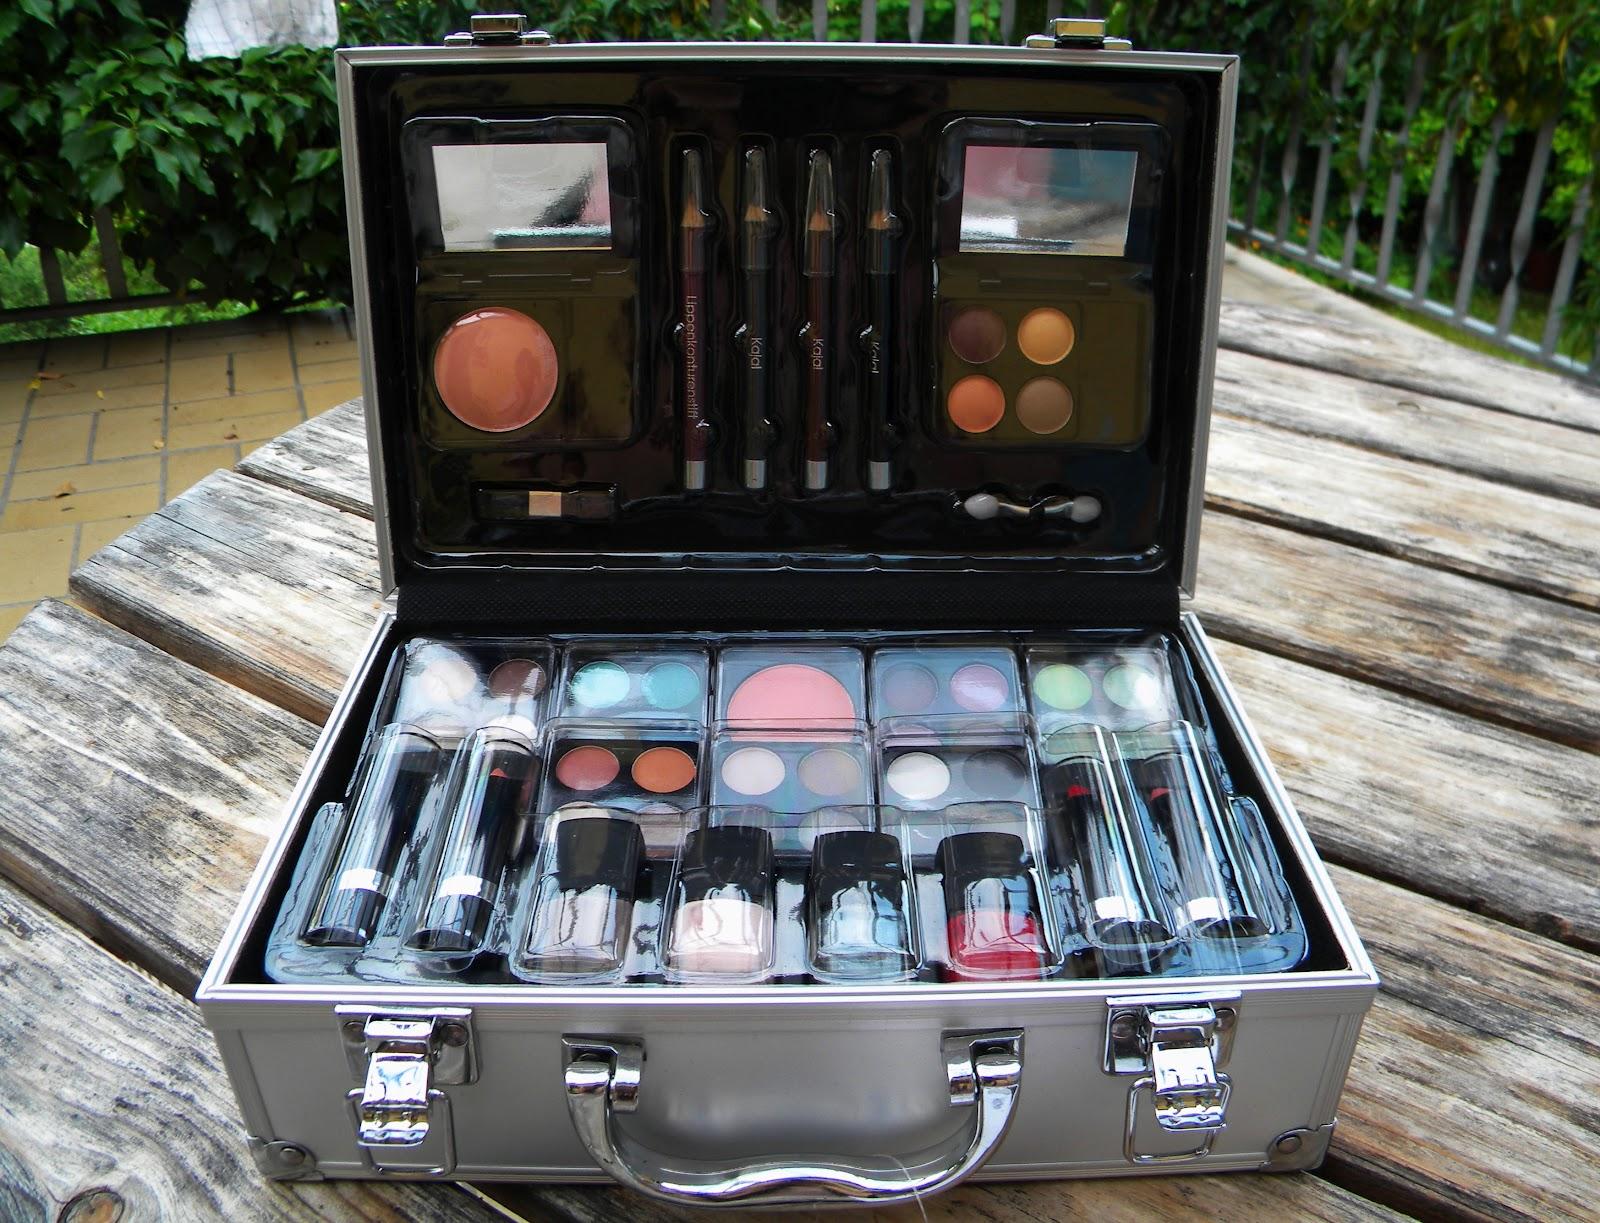 Профессиональные приборы для визажистов, Инструменты для макияжа: список самых необходимых 1 фотография